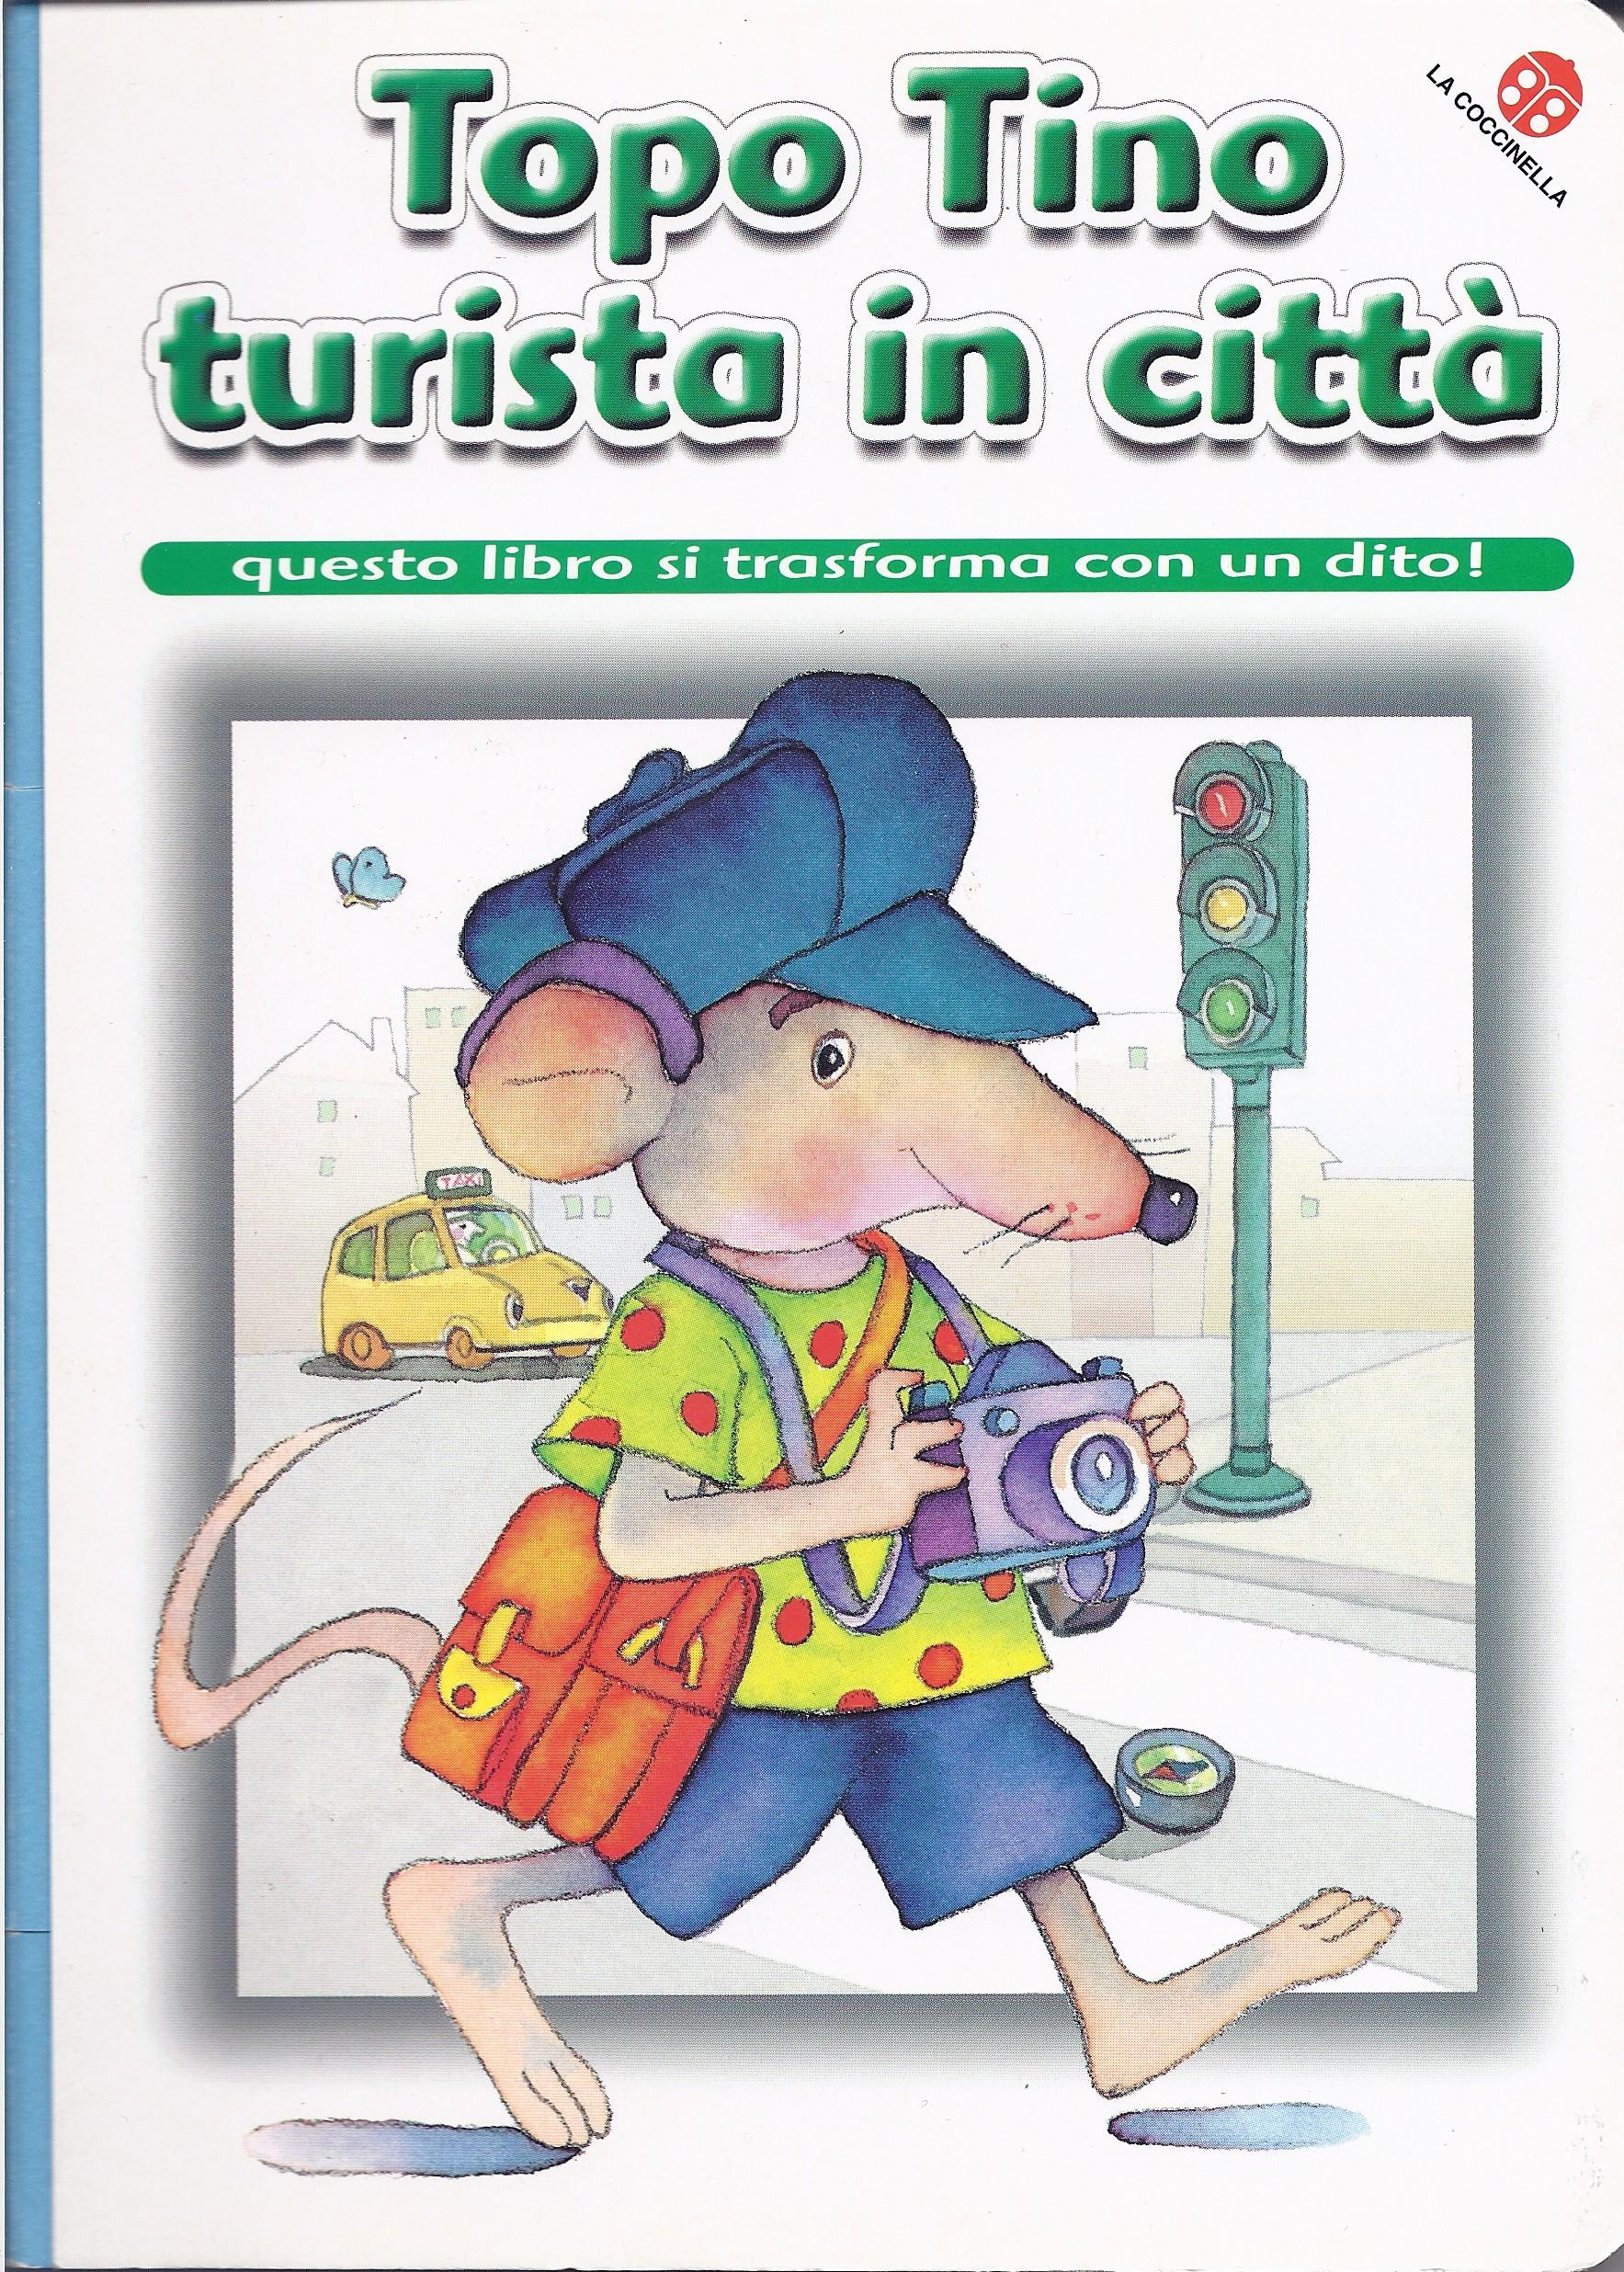 Topo Tino turista in città